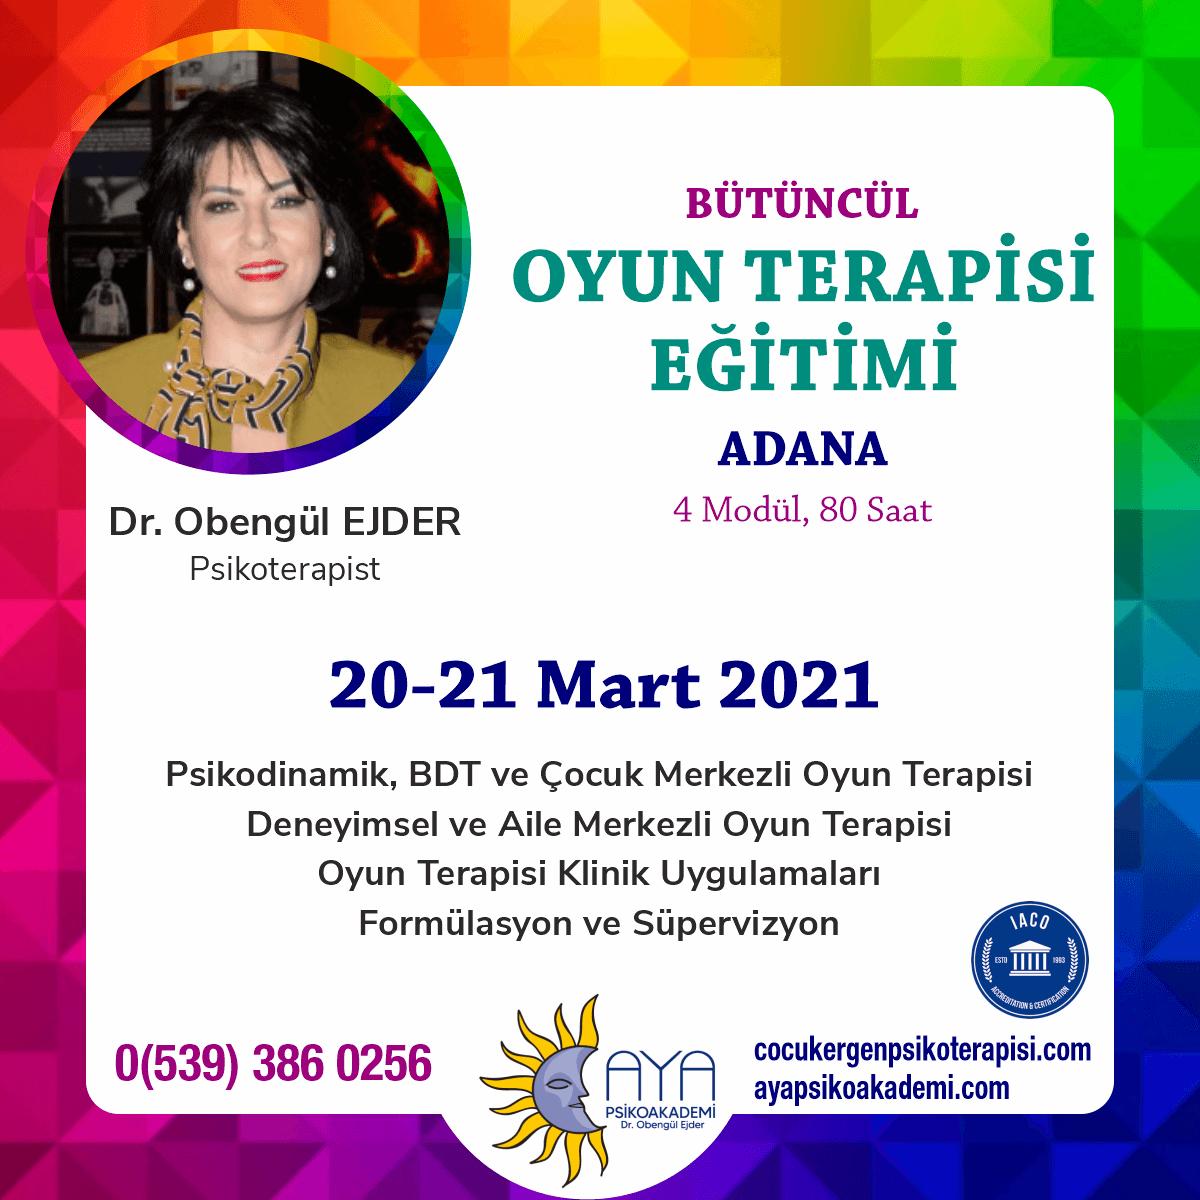 Oyun Terapisi Eğitimi - Adana